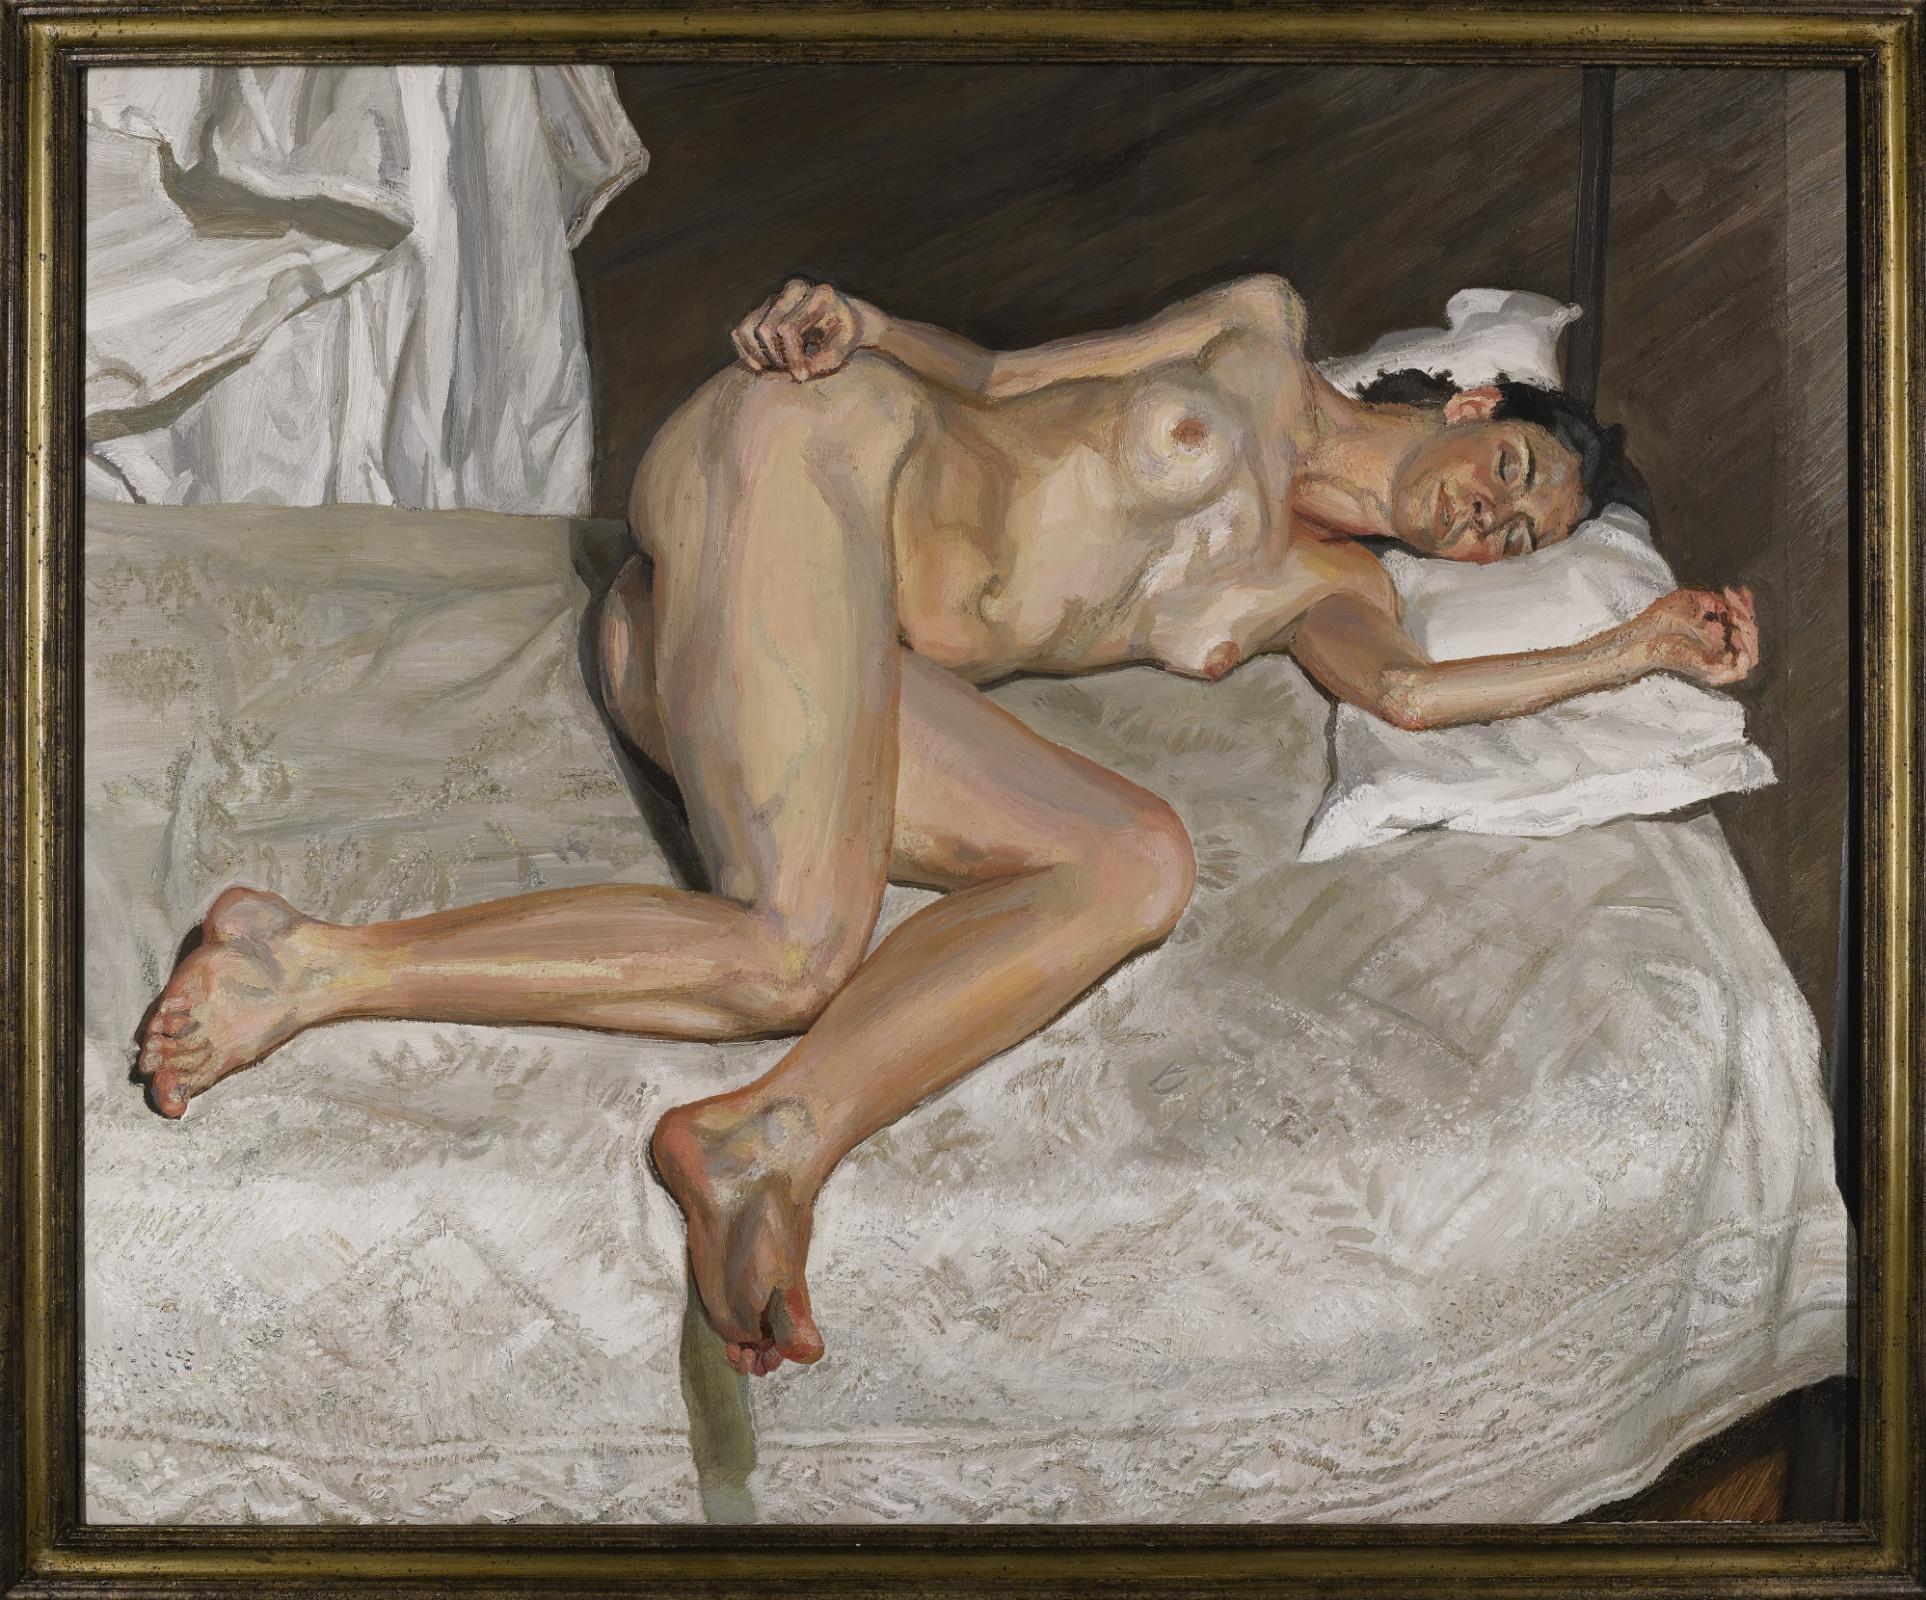 Люсьен Фрейд. Портрет на белом покрывале